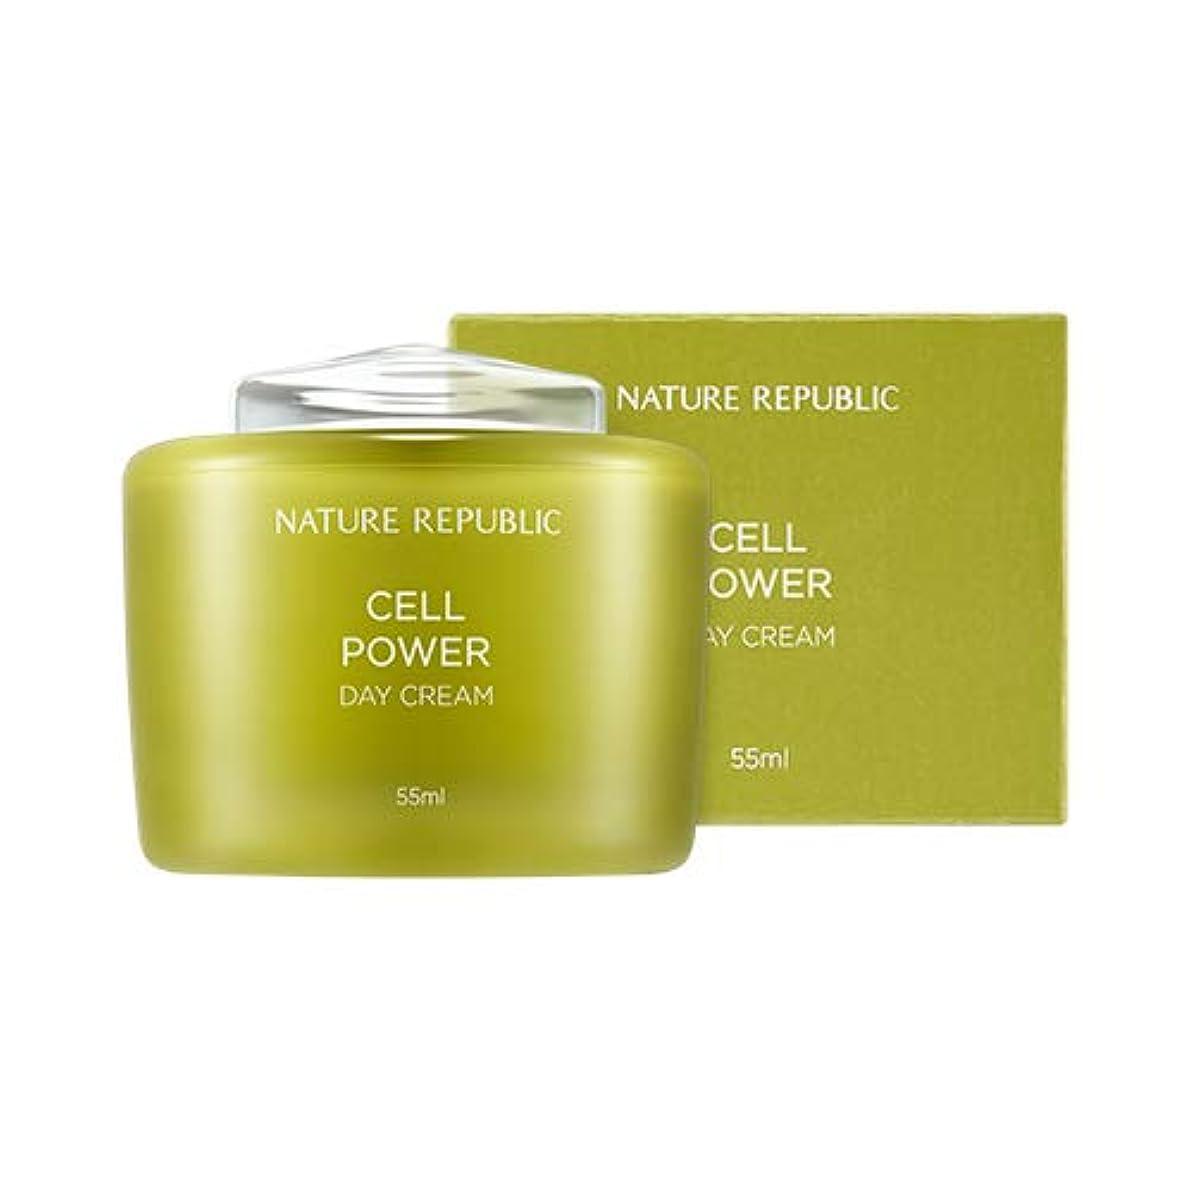 流寄り添うメンタルNATURE REPUBLIC Cell Power Day Cream/ネイチャーリパブリック セルパワー デイクリーム 55ml [並行輸入品]